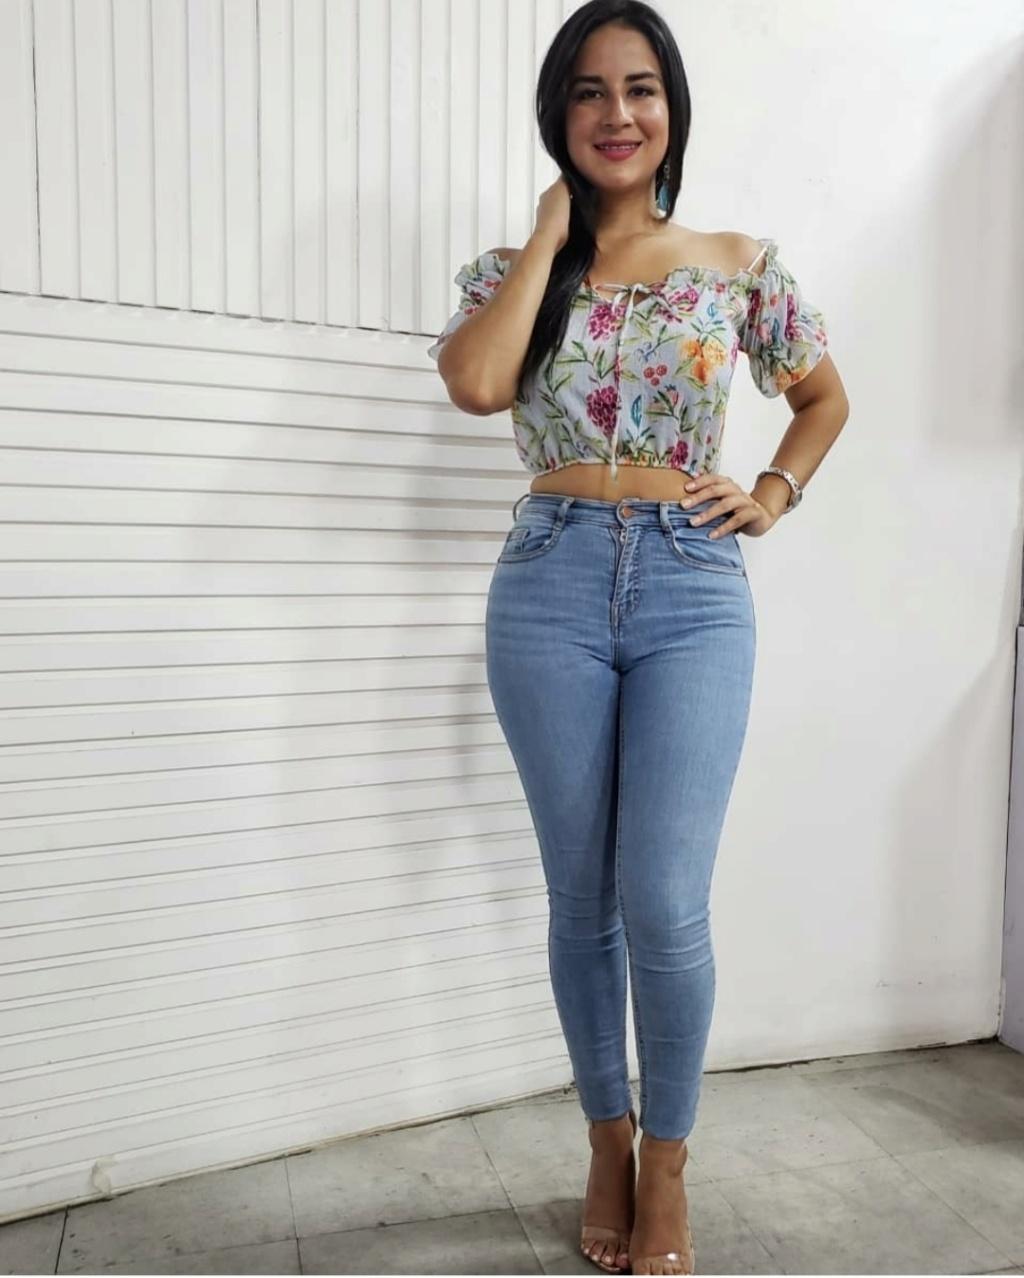 DEBATE sobre belleza, guapura y hermosura (fotos de chicas latinas, mestizas, y de todo) - VOL II - Página 14 Img_2649